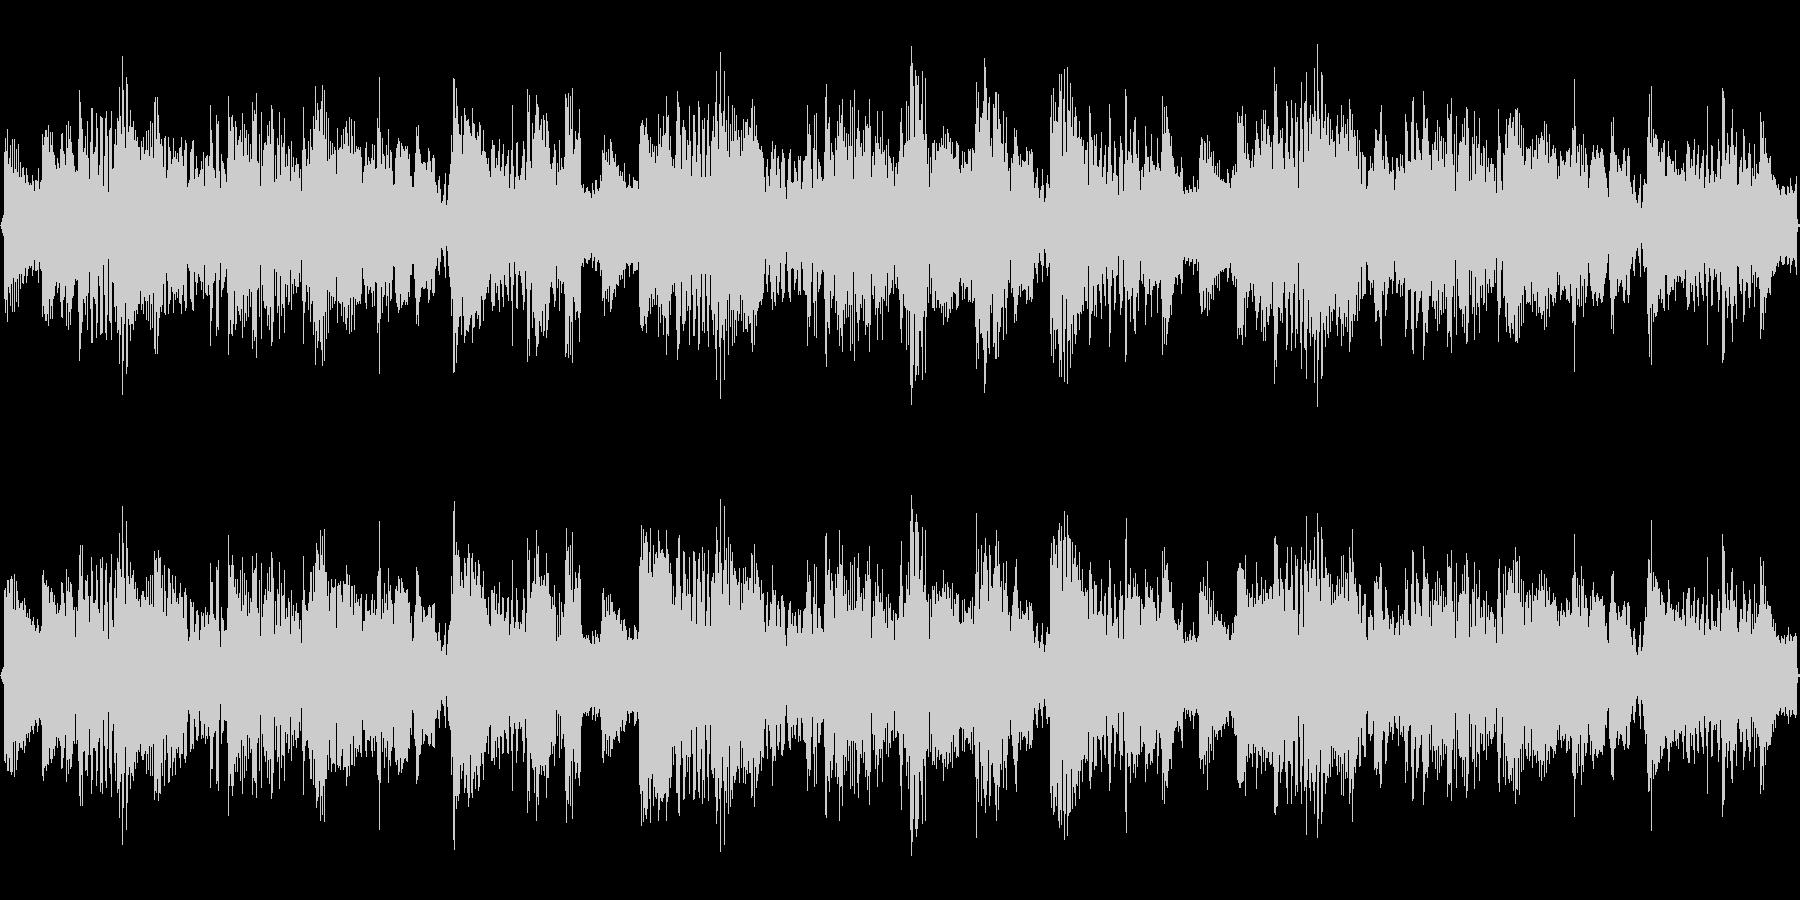 Dubstepの進化形です。の未再生の波形